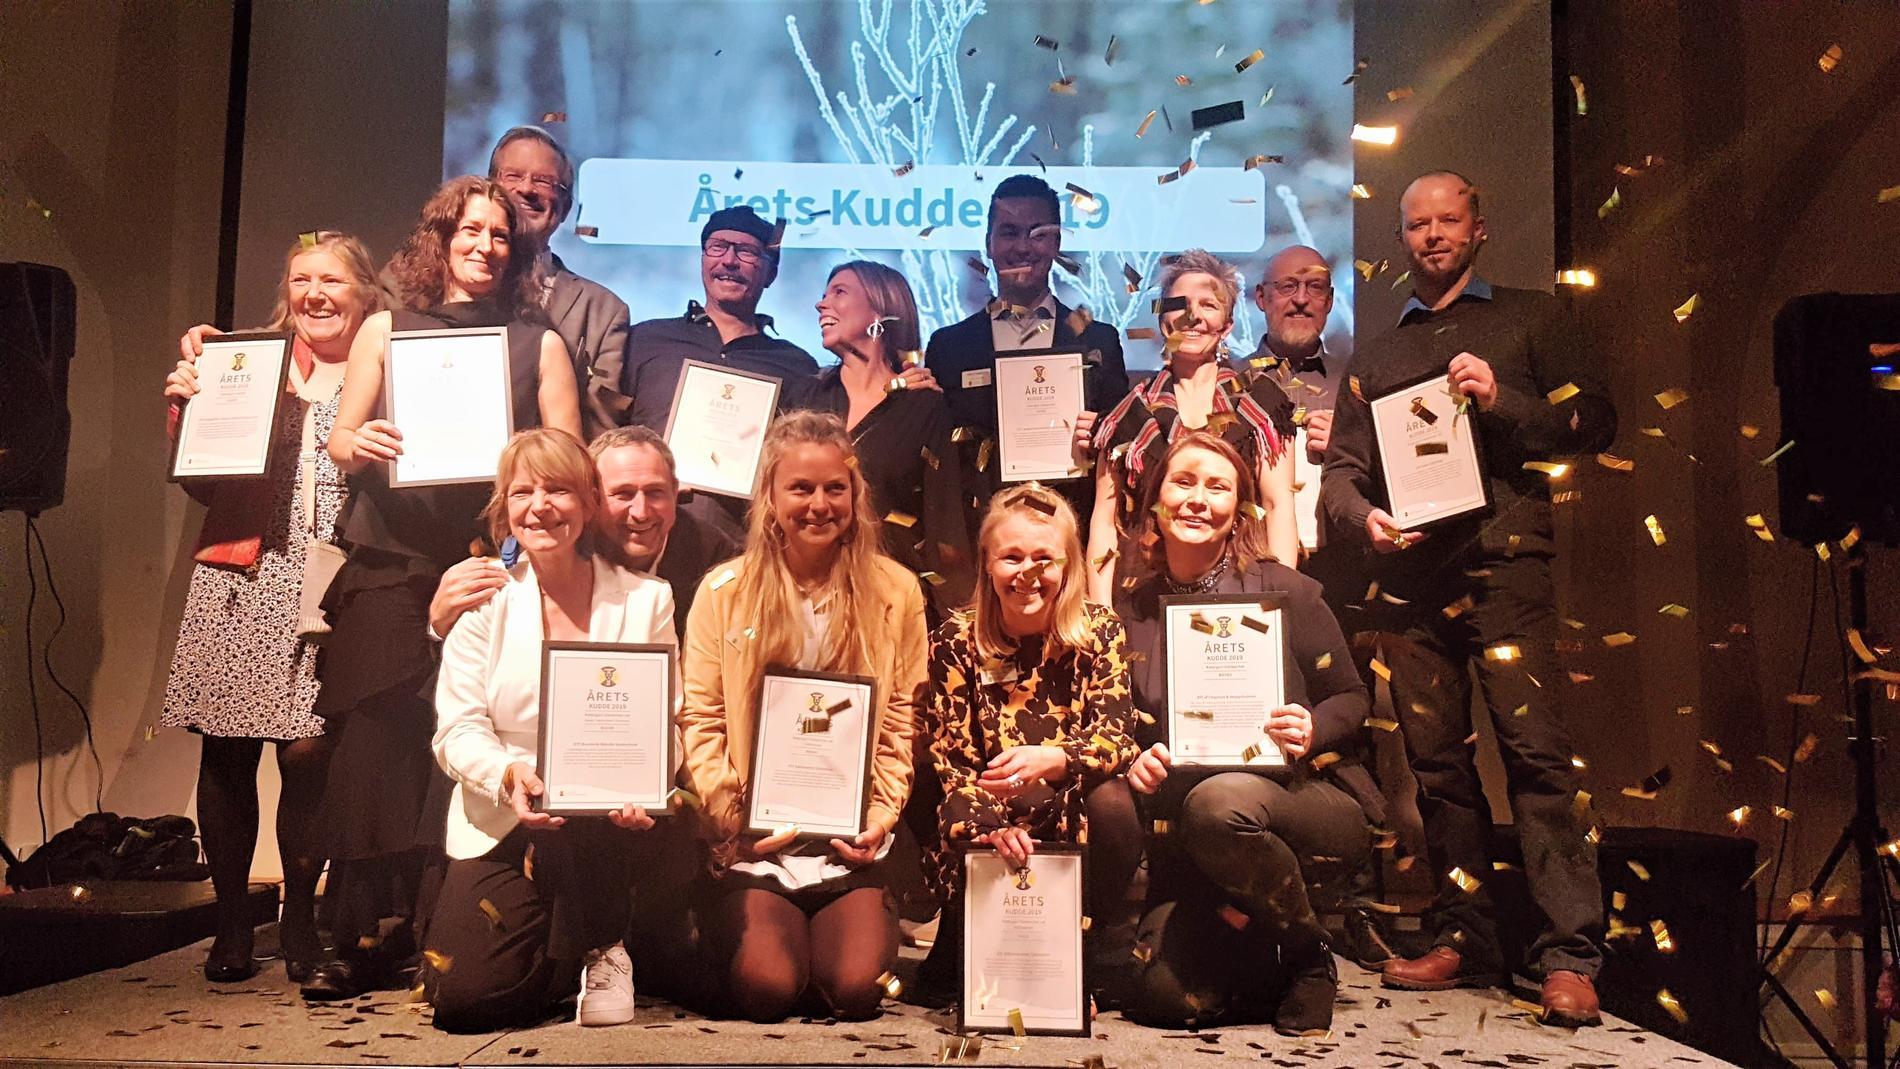 Här är vinnarna av Årets Kudde 2019. Övre raden: Agneta/STF Kungsgården Långvind, Cecilia/STF Nyrup Naturhotell, Jörgen/STF Kungsgården Långvind, Cesar & Klara/STF Möja Vandrarhem, Pontus/STF Långholmen, Cai, sa/STF Jokkmokk Åsgård, Andreas/STF Falun Vassbo, Johan/STF FjällstugorNedre raden: Sussi & Hans/STF Brantevik Råkulle Vandrarhem, Elin/STF Saltoluokta, Alexandra/STF Blåhammaren, Simona/STF af ChapmanSaknas på bilden är värdarna från; STF Ivögården Mat & Vingård, Skåne, STF Villa Söderåsen B&B, Skåne, STF Hemavans Fjällstation och STF Ammarnäs Vandrarhem som inte kunde närvara.